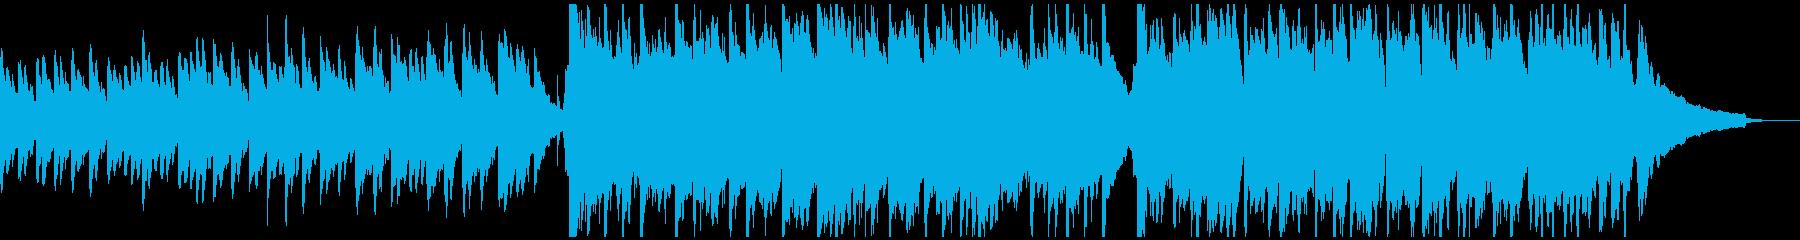 現代の交響曲 あたたかい 幸せ ピ...の再生済みの波形